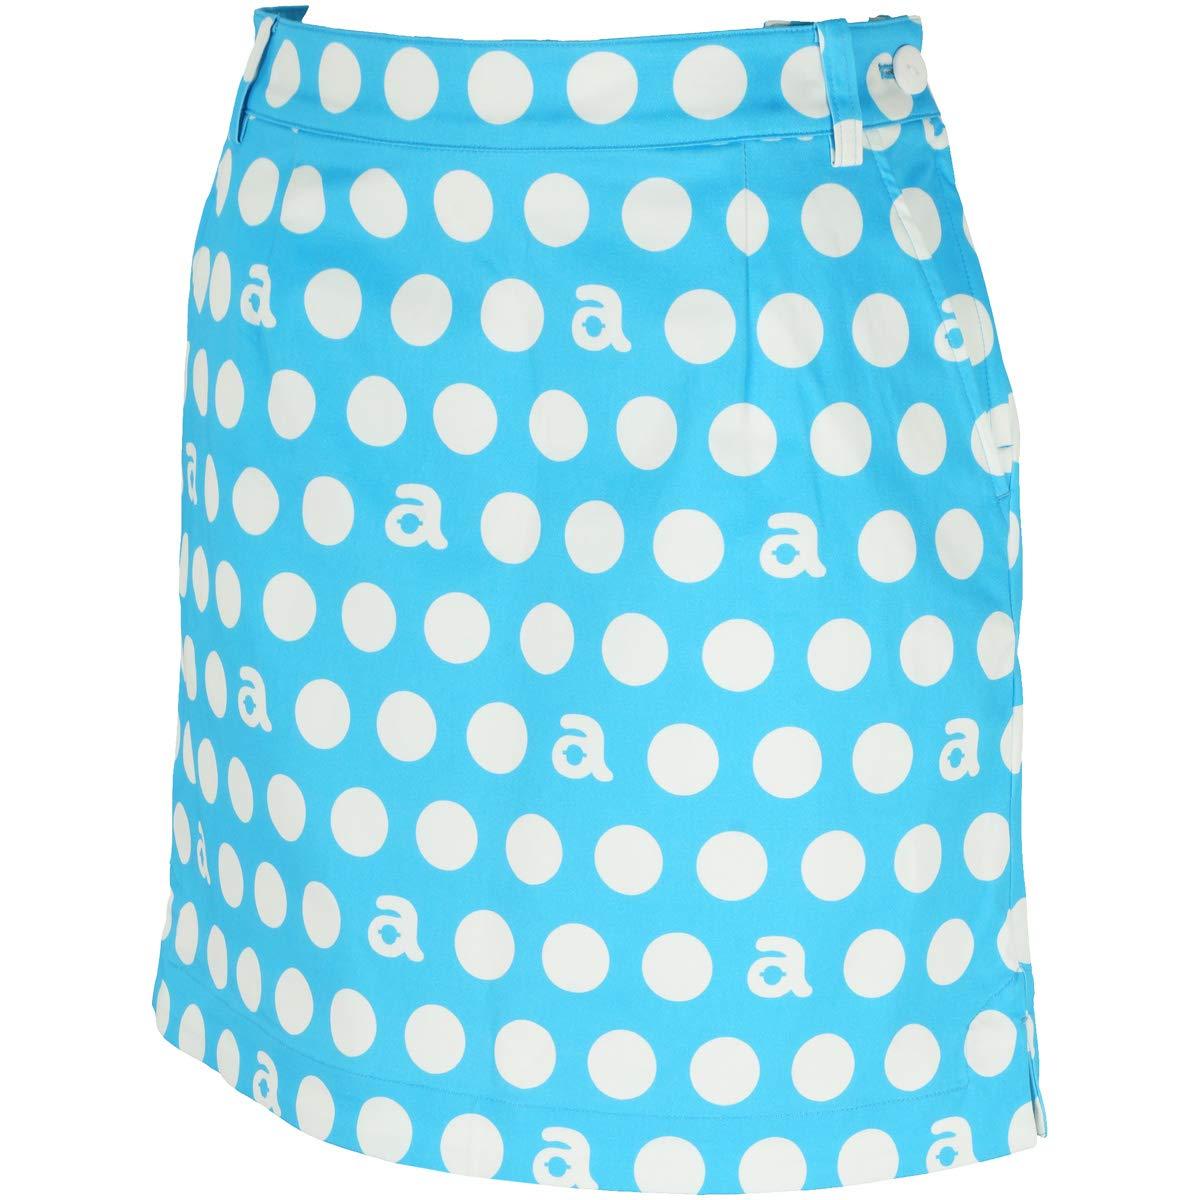 アルチビオ archivio スカート スカート レディス 38 ブルー B07Q4B3VJT